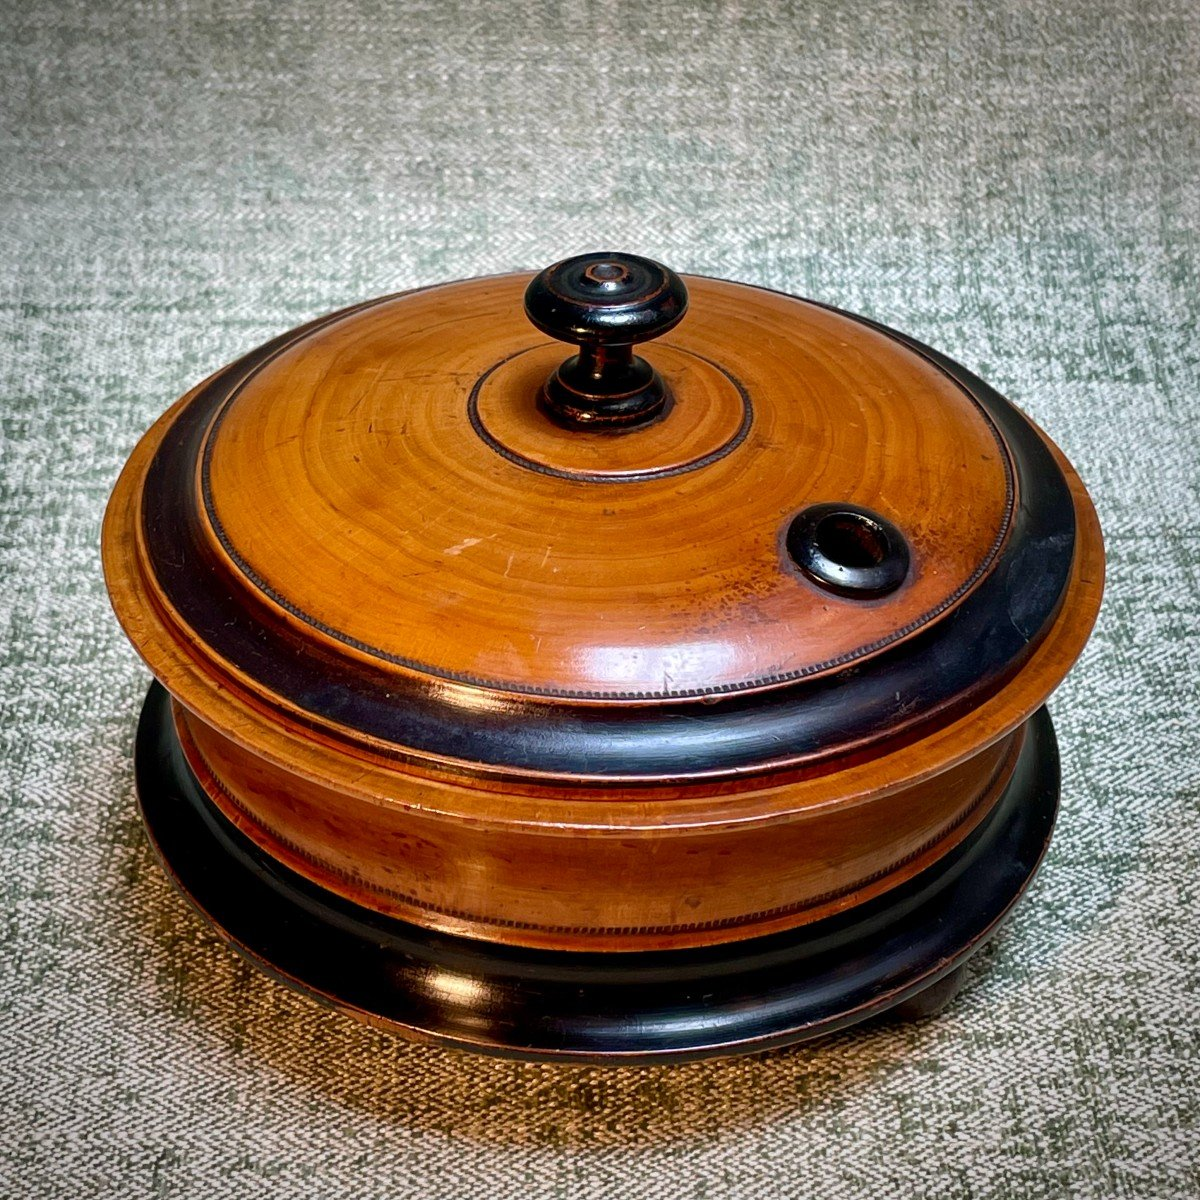 petite roulette de table 19ème-photo-1